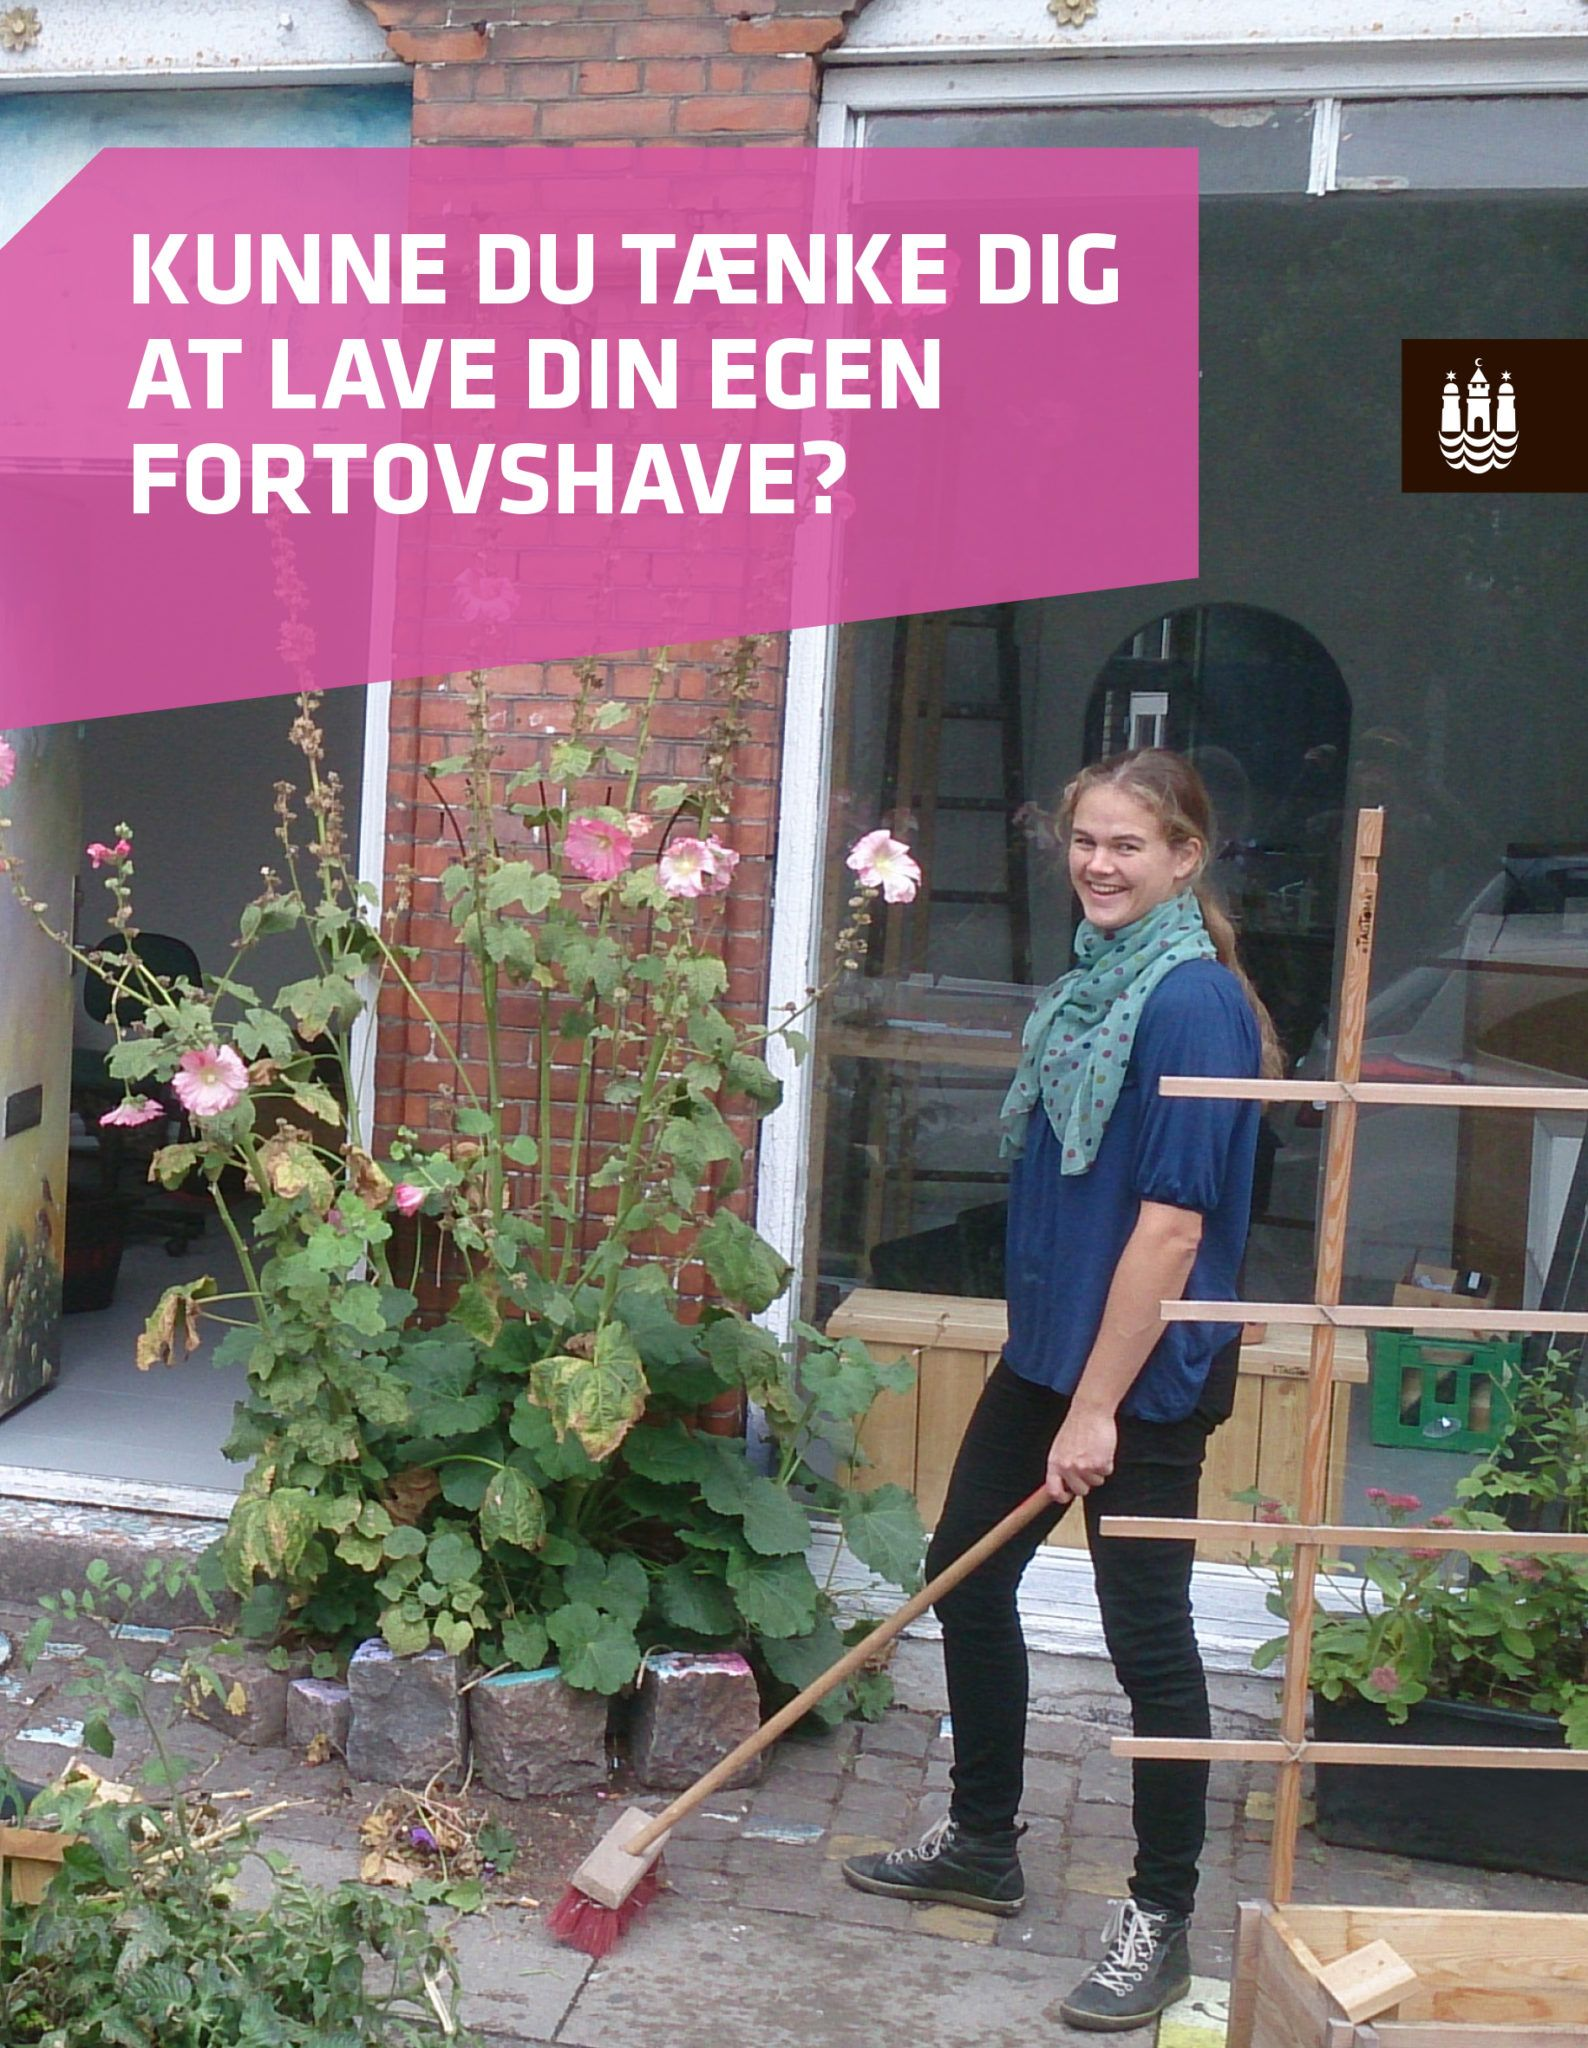 Fortovshaver Københavns Kommune